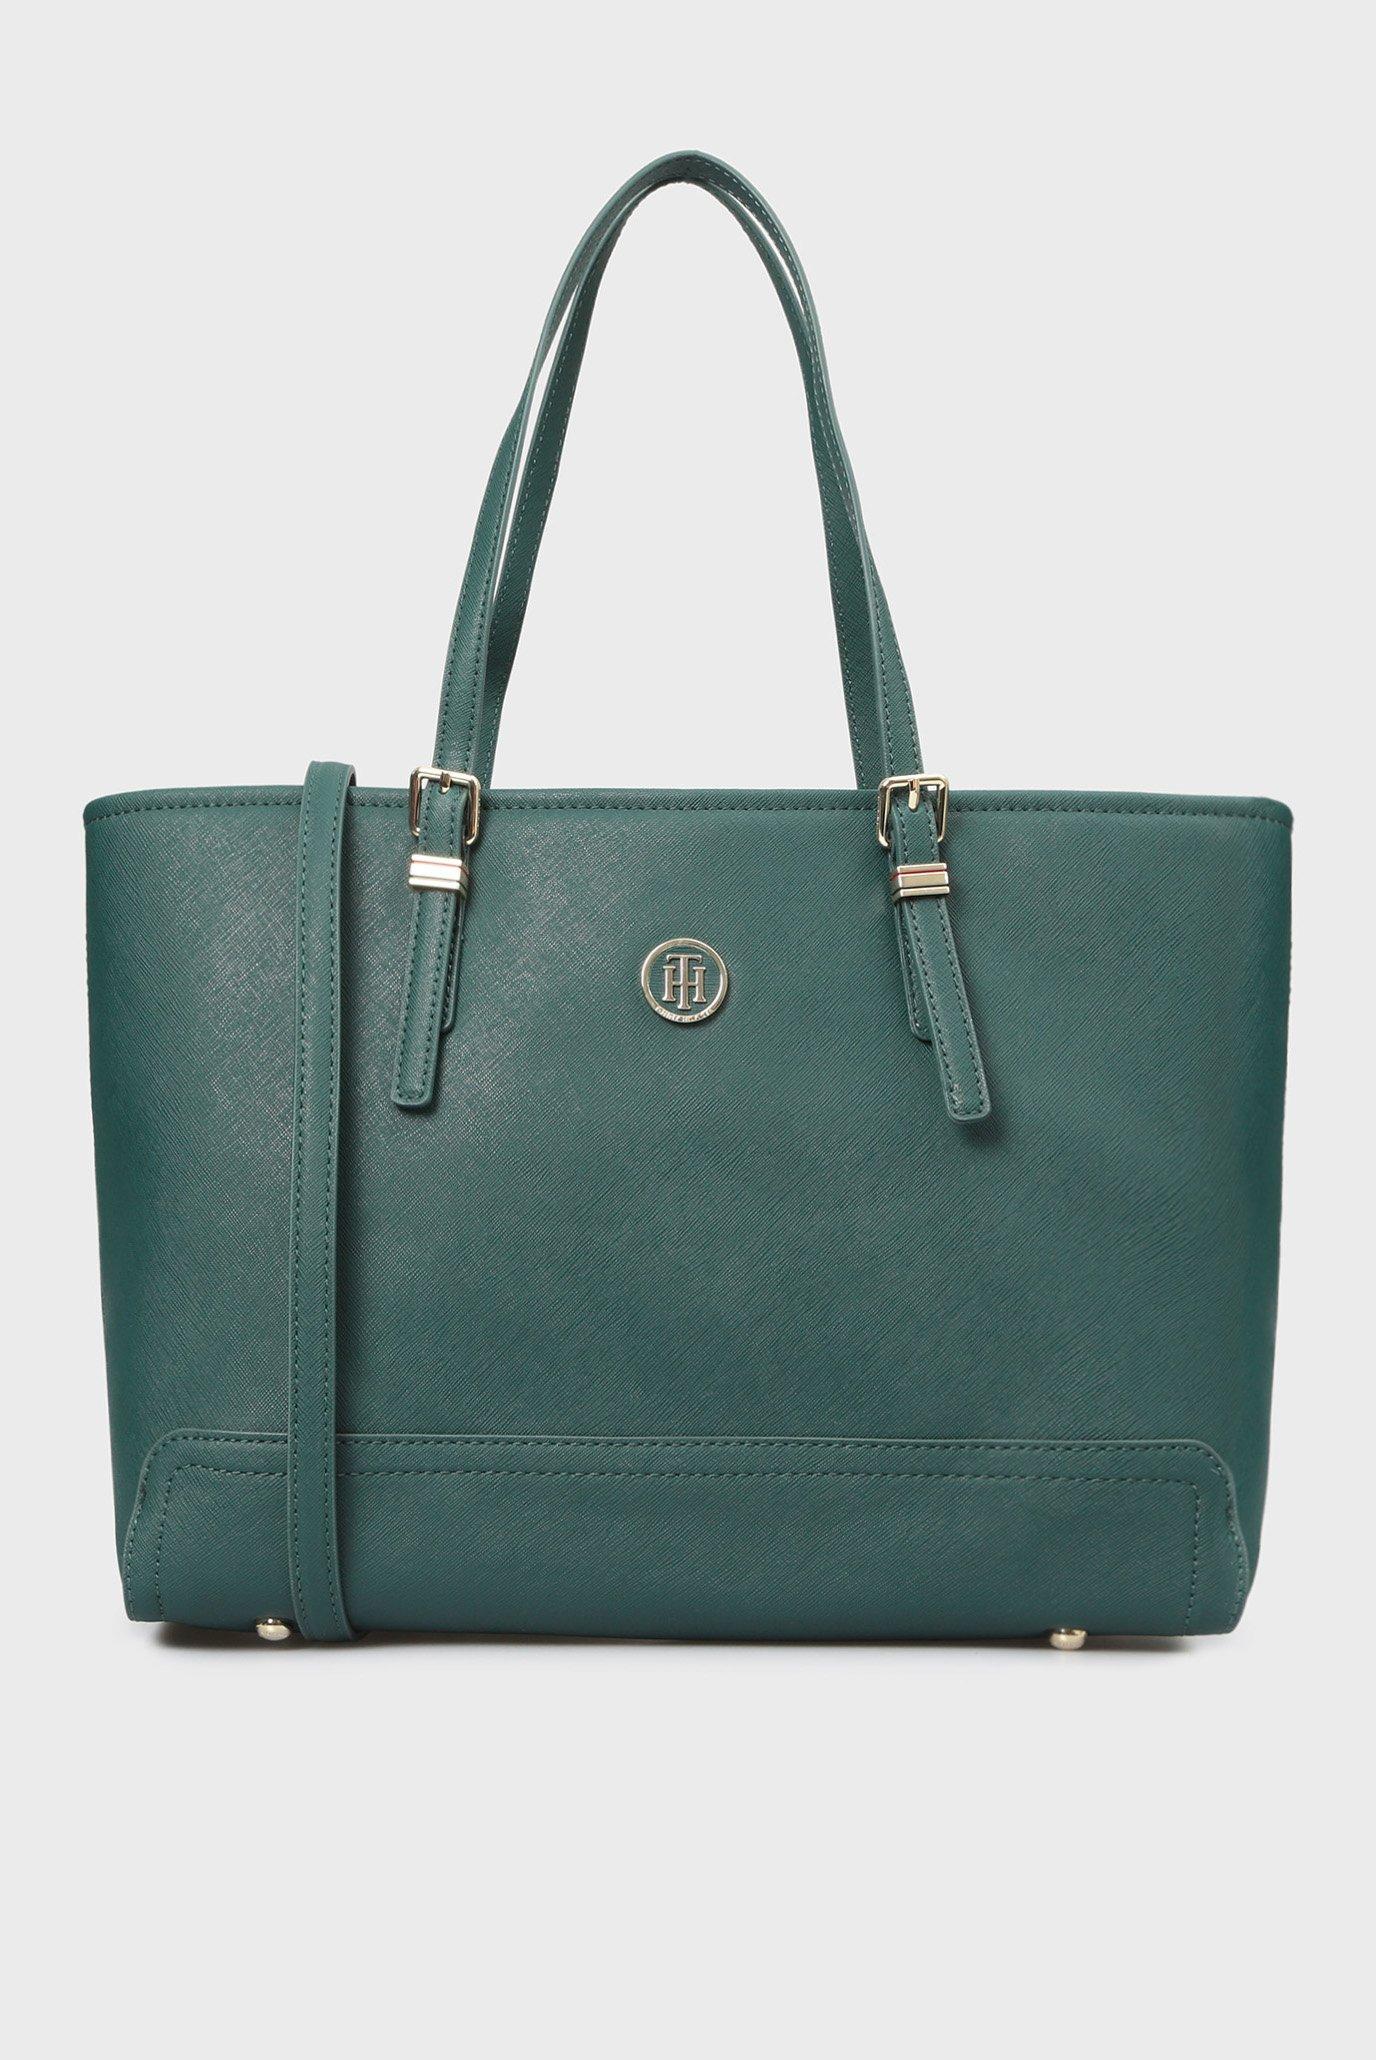 Купить Женская зеленая сумка на плечо HONEY MED TOTE Tommy Hilfiger Tommy Hilfiger AW0AW05831 – Киев, Украина. Цены в интернет магазине MD Fashion